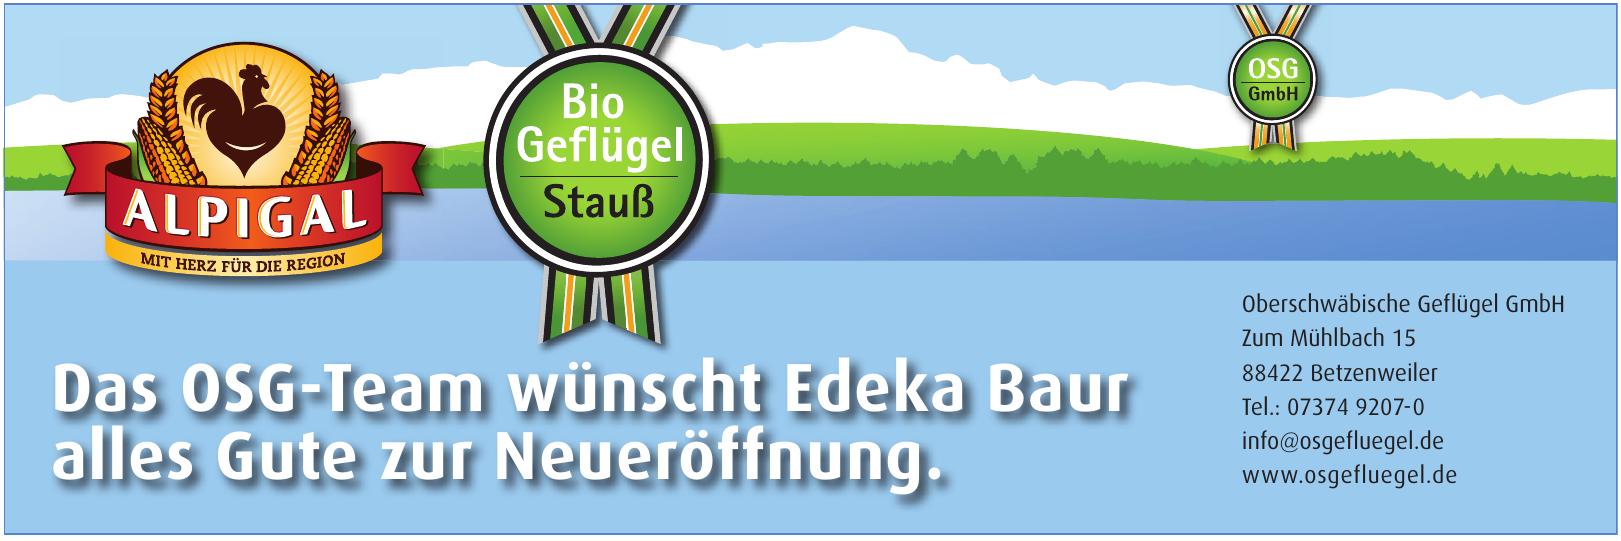 Oberschwäbische Geflügel GmbH